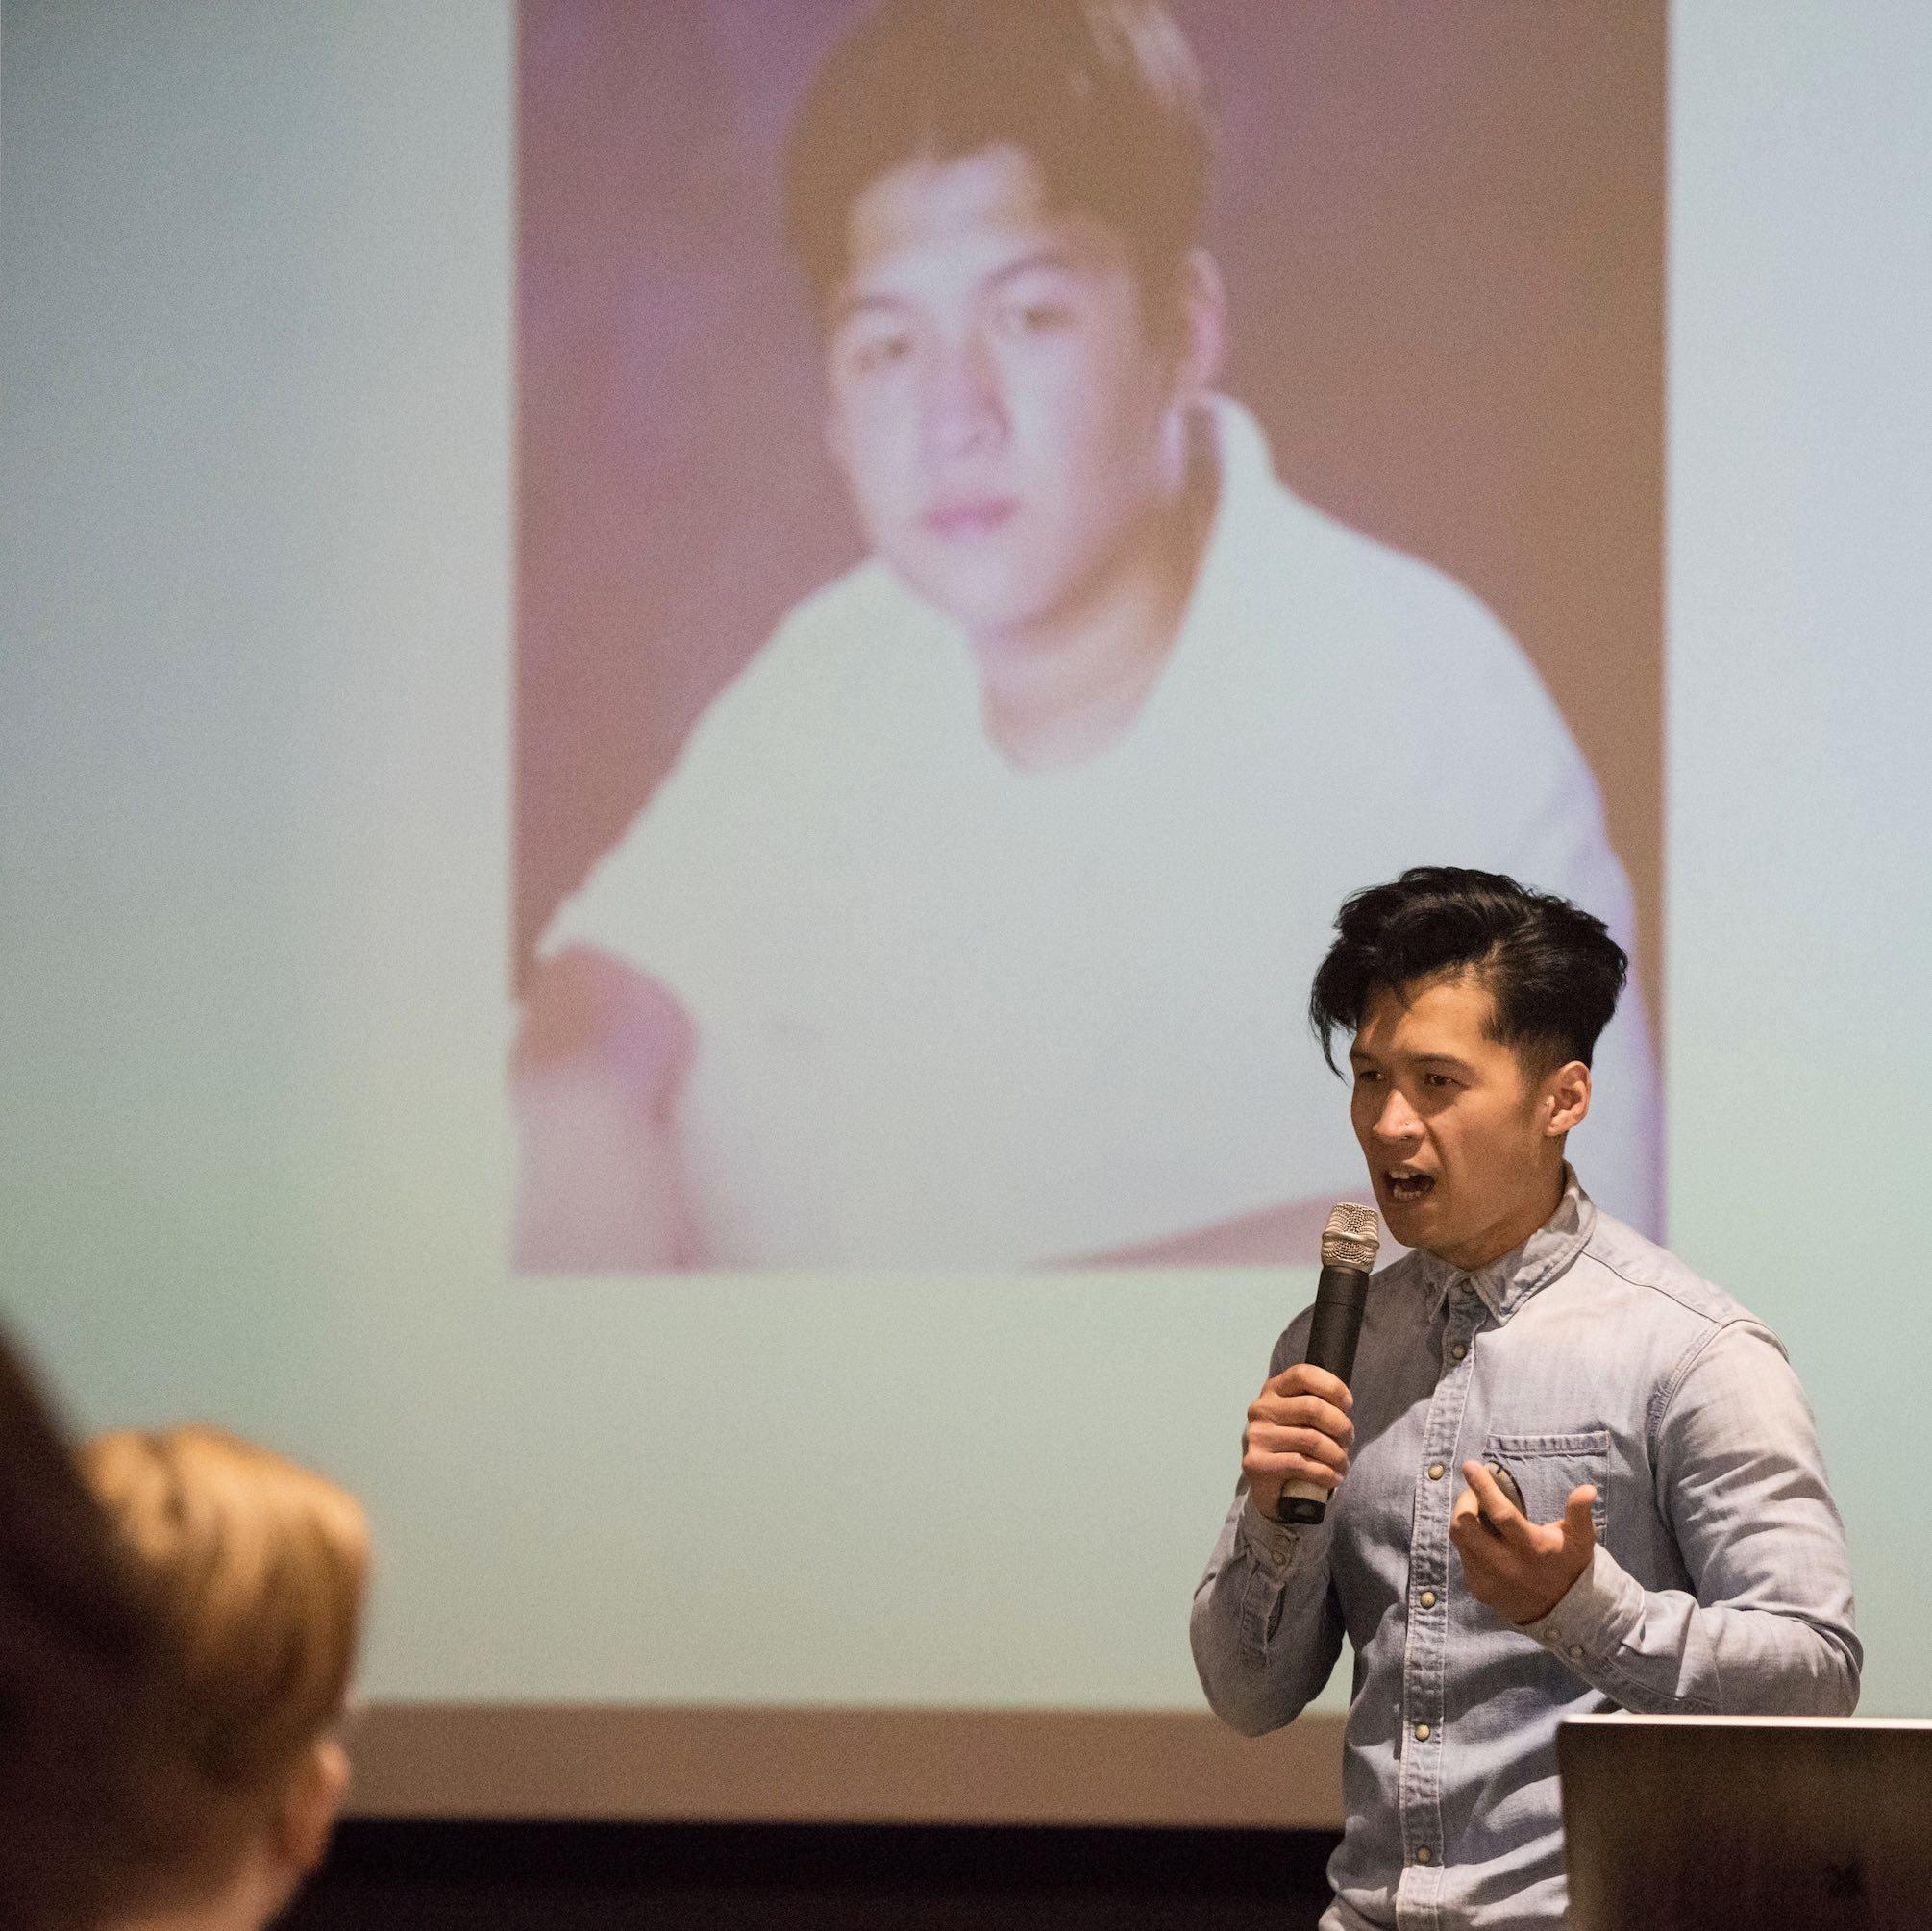 Myke speaking at PodSummit